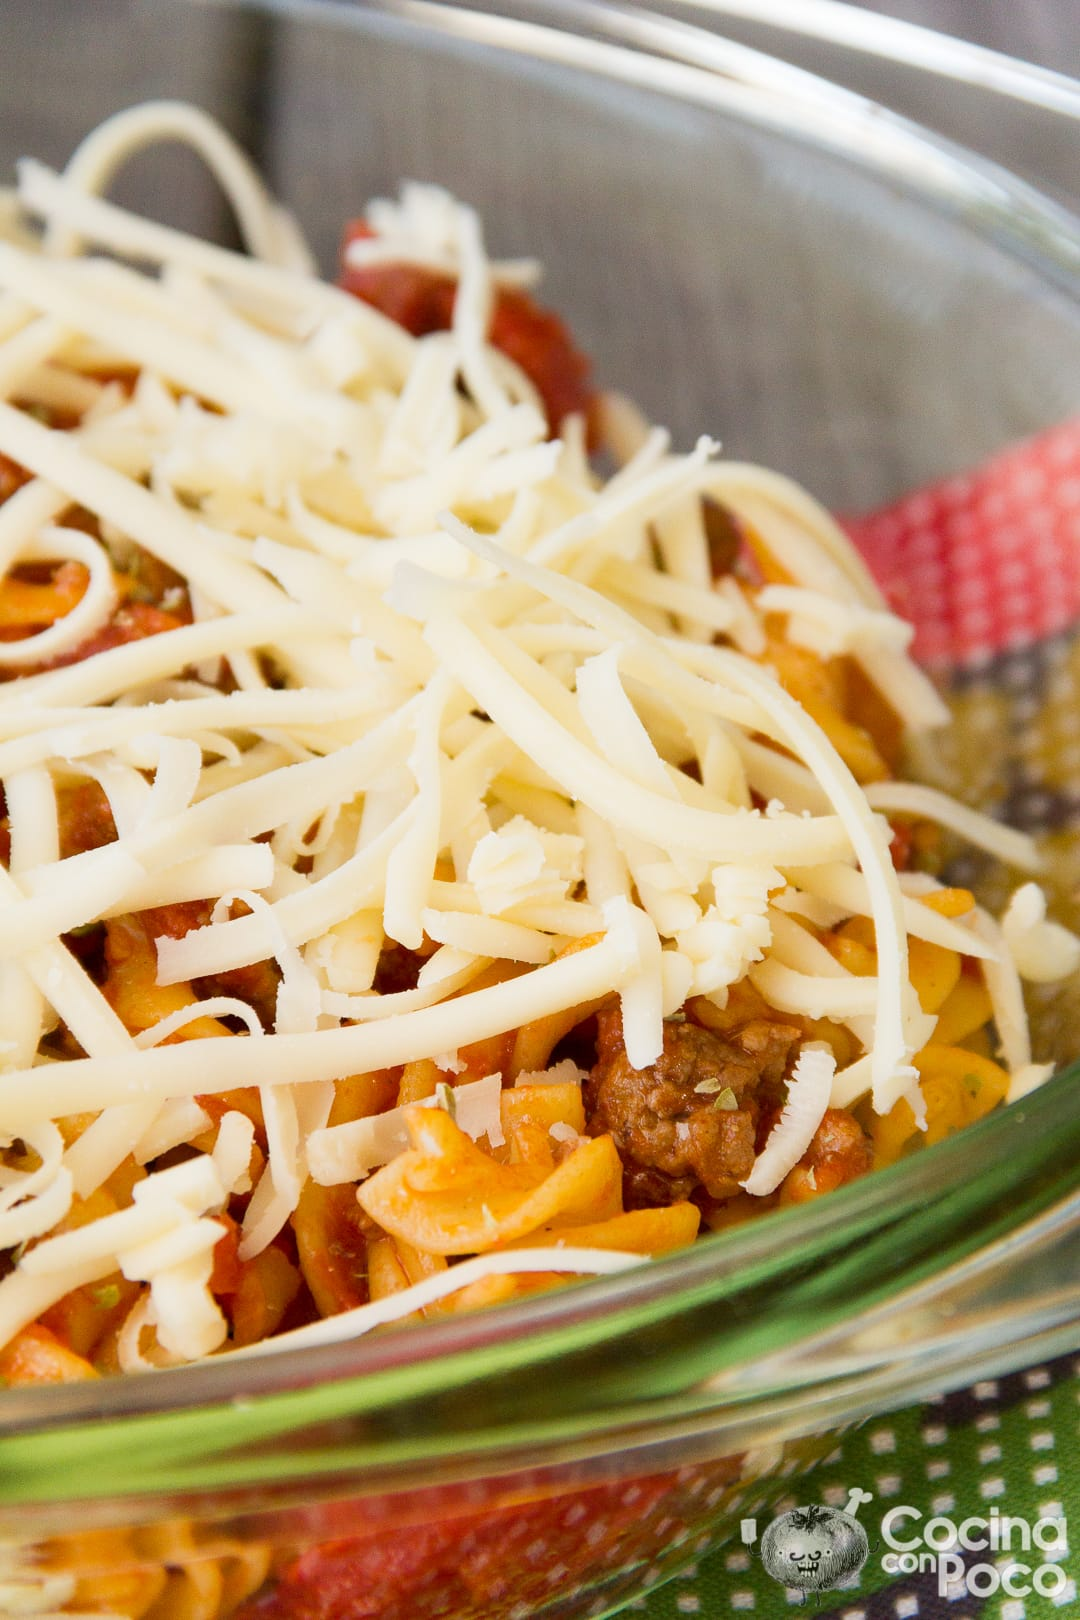 Macarrones con chorizo al horno gratinados cocina con poco recetas de cocina paso a paso con - Macarrones con verduras al horno ...